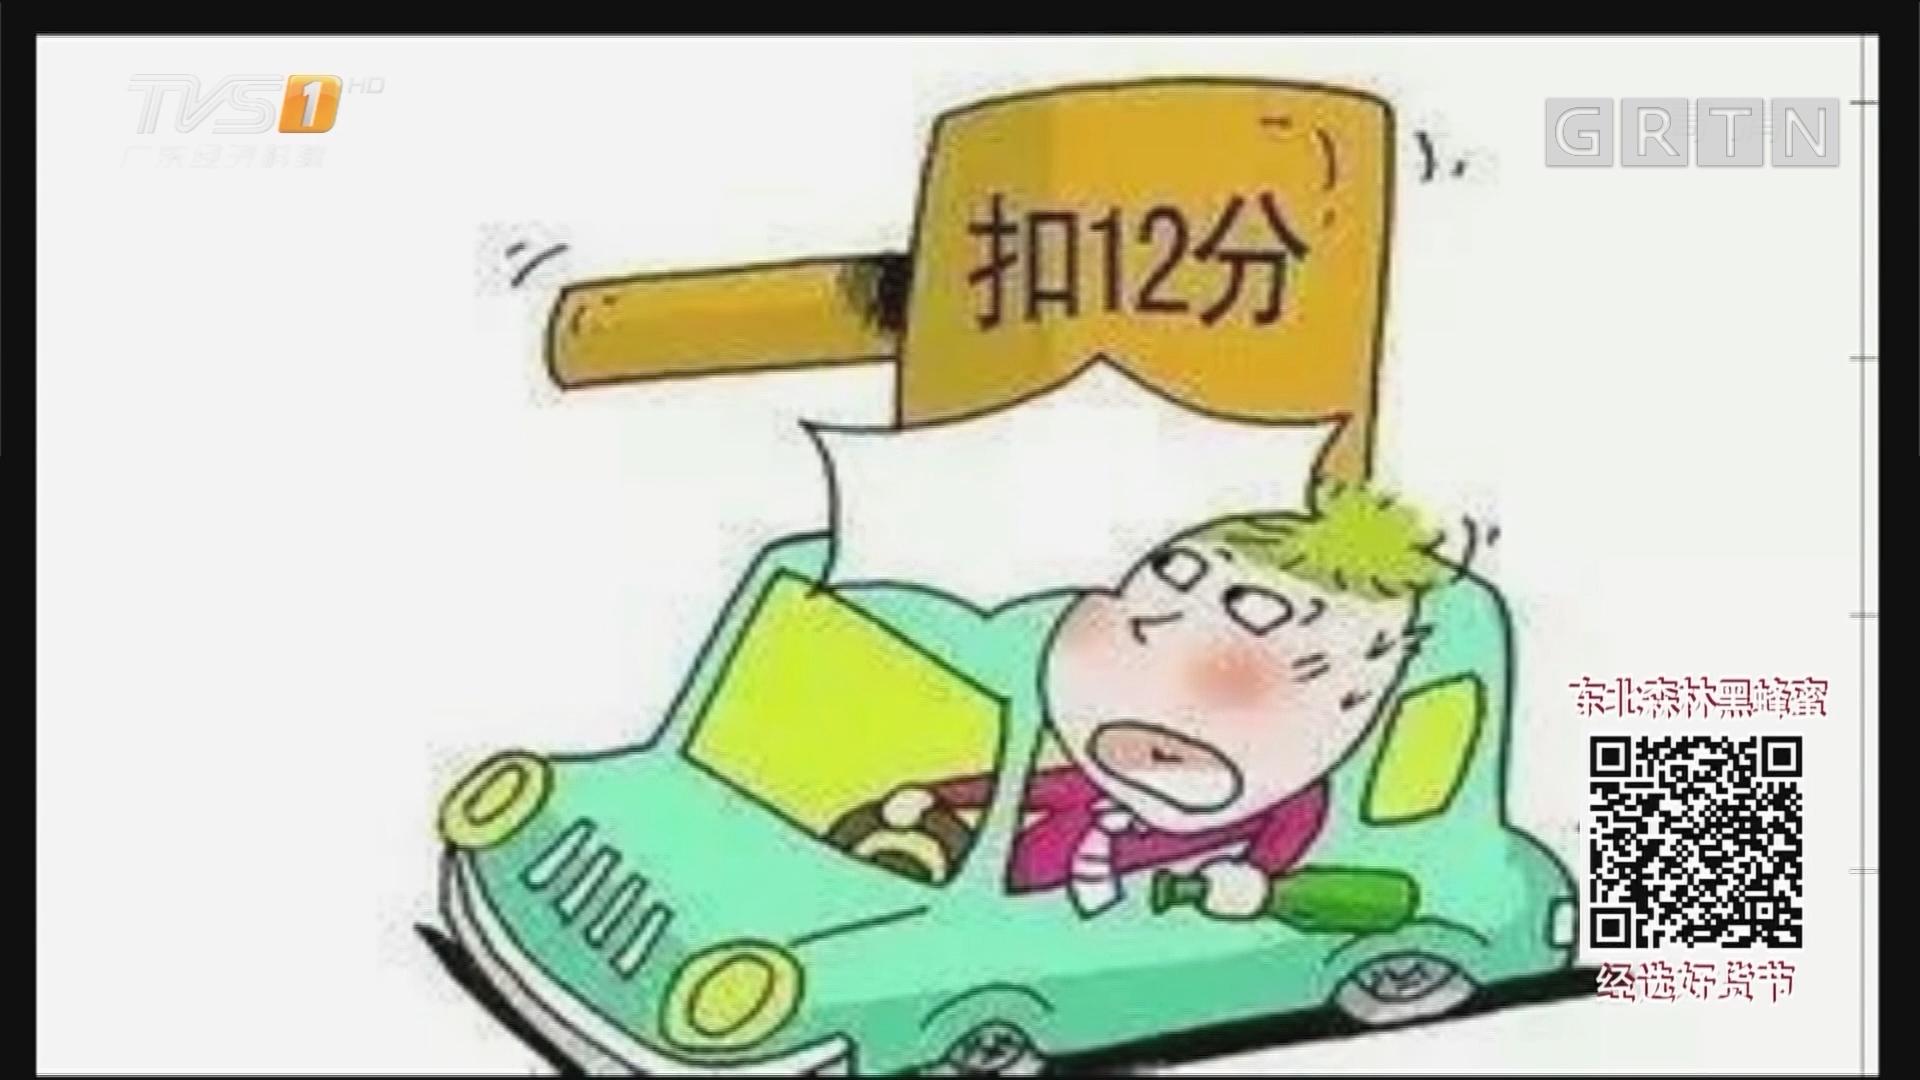 车主注意!驾照扣12分和12分以上区别很大